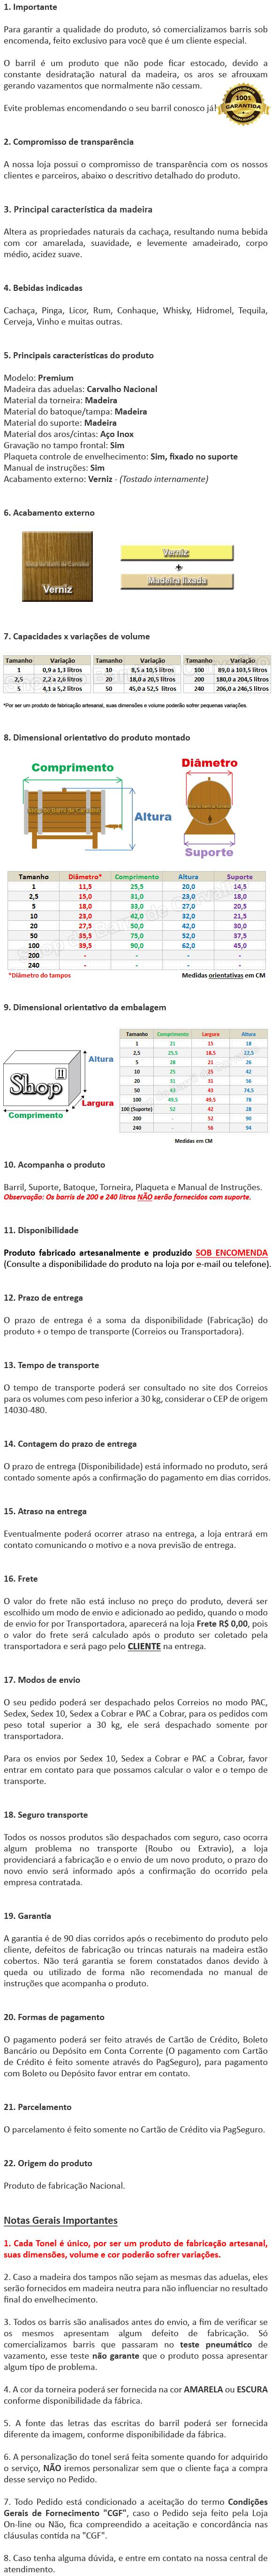 Descricao-Barril-Carvalho-Nacional-Premium-Verniz.png